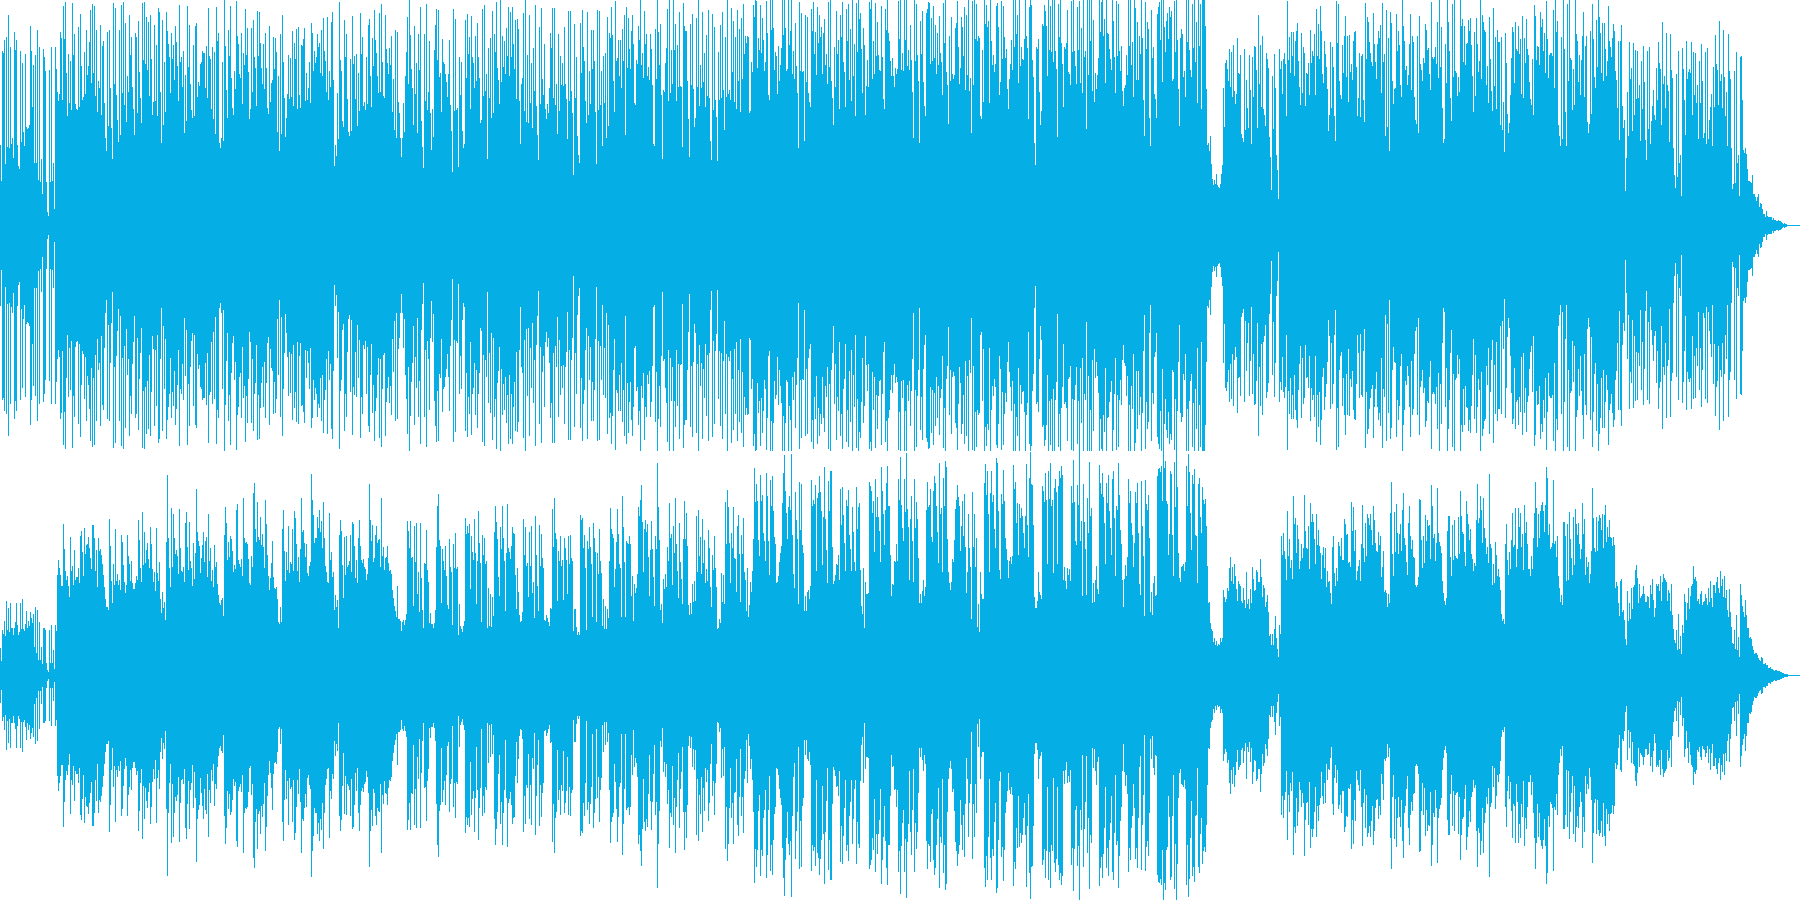 [地球散歩 #1]120bpmの再生済みの波形